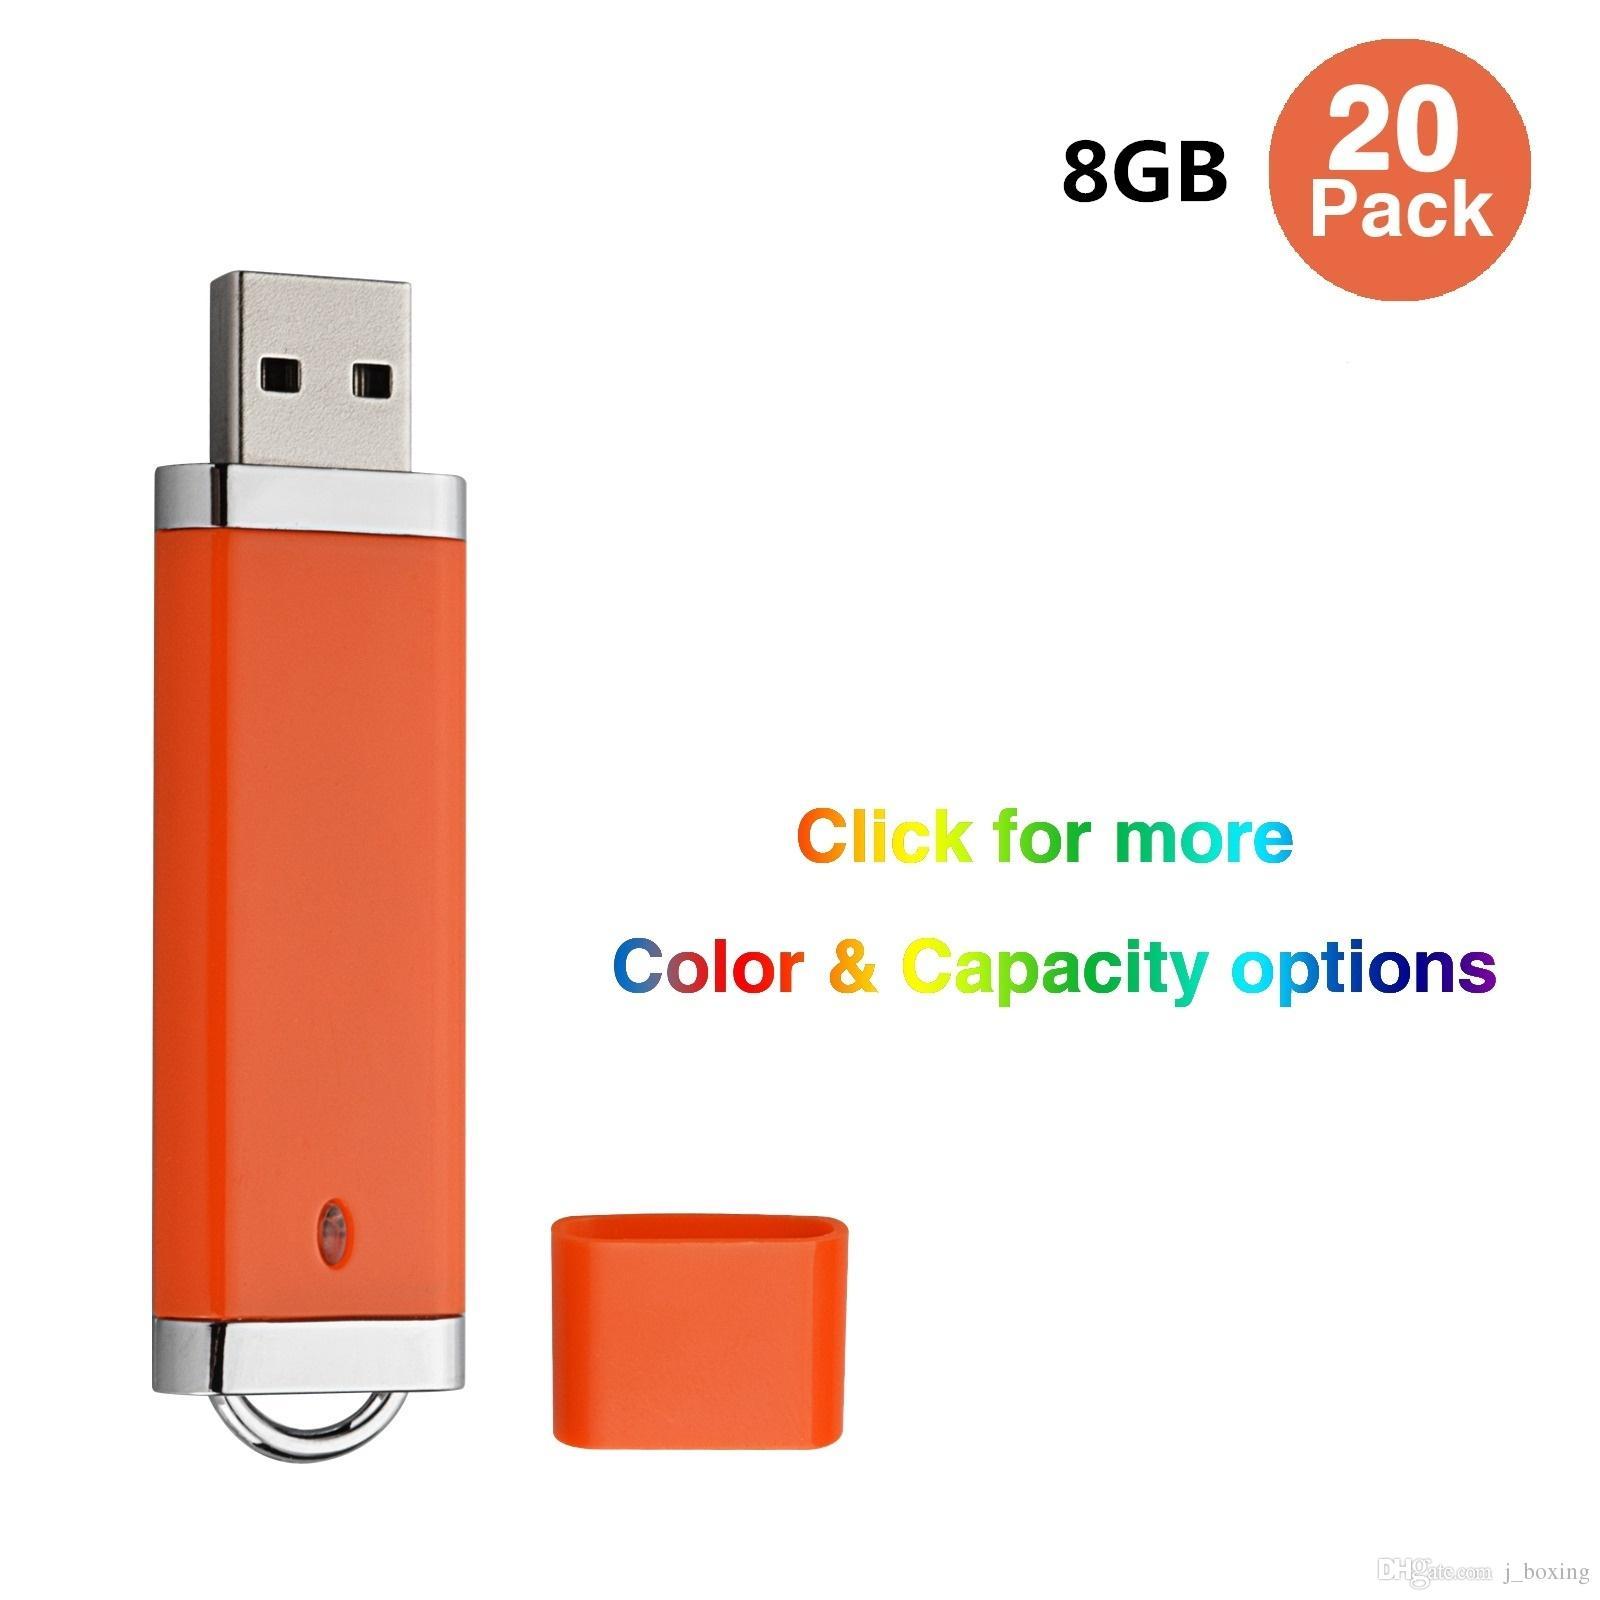 Bulk 20 Lighter Design 8GB USB 2.0 Flash Drives Flash Memory Stick Pen Drive for Computer Laptop Thumb Storage LED Indicator Multi-colors